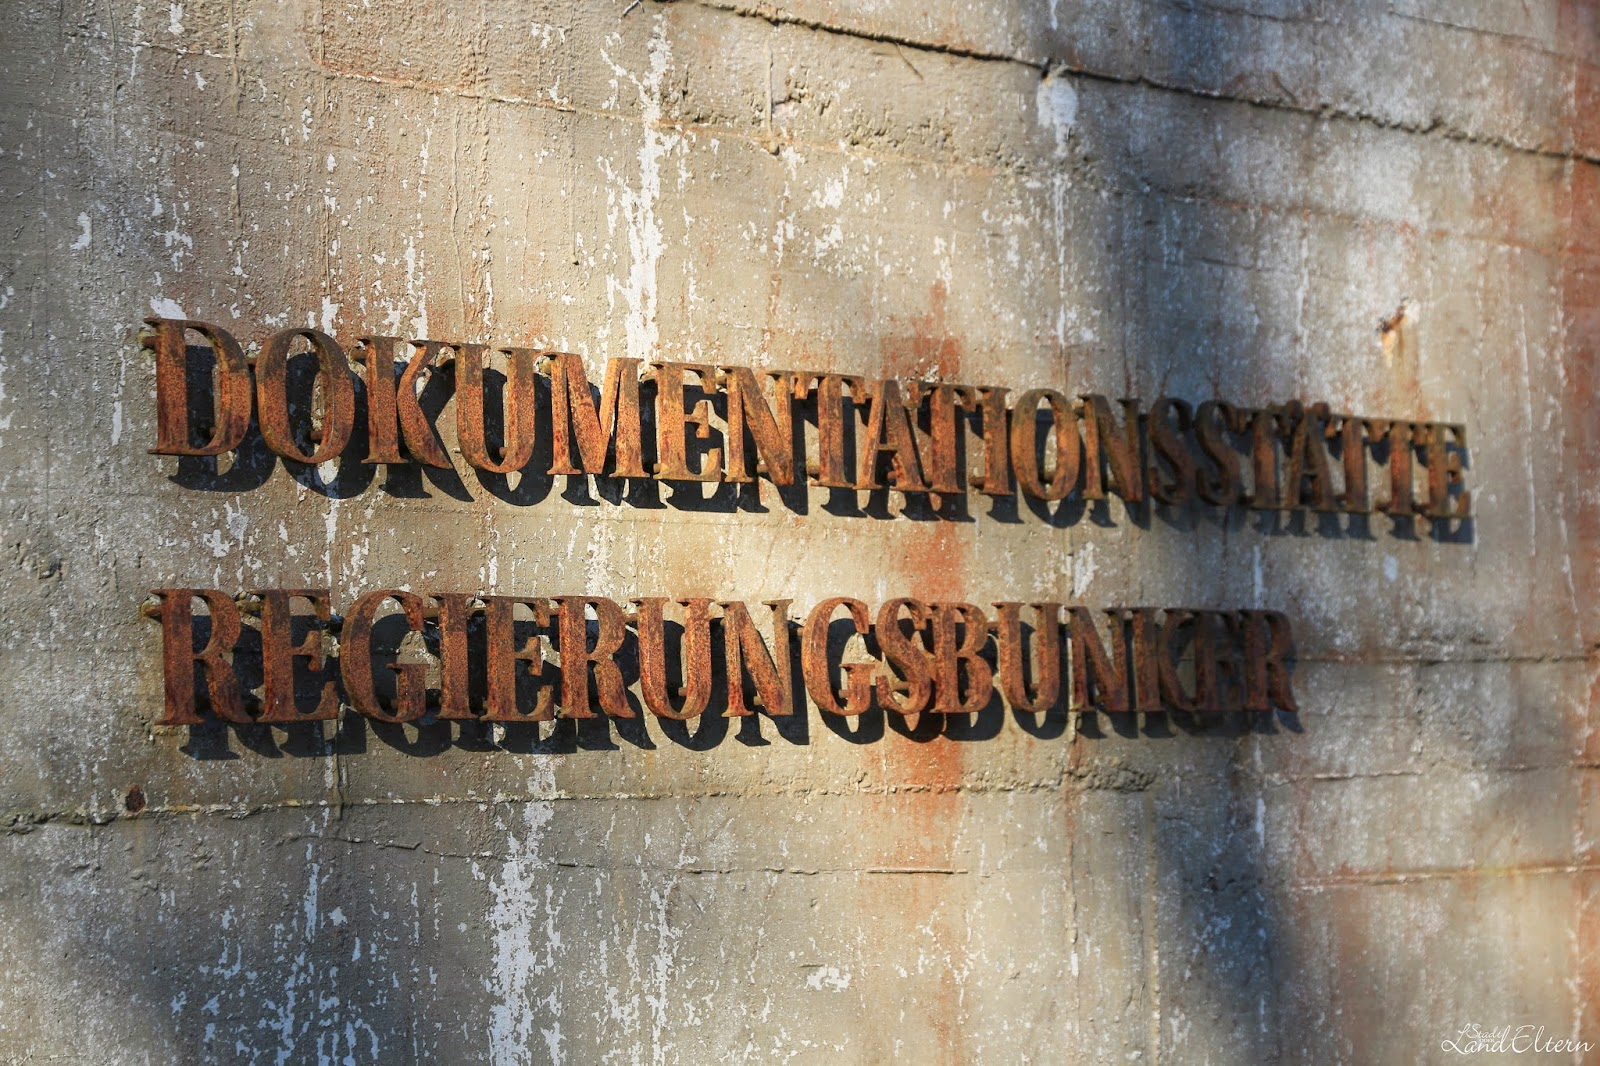 Dokumentationsstätte Regierungsstation Ahrweiler